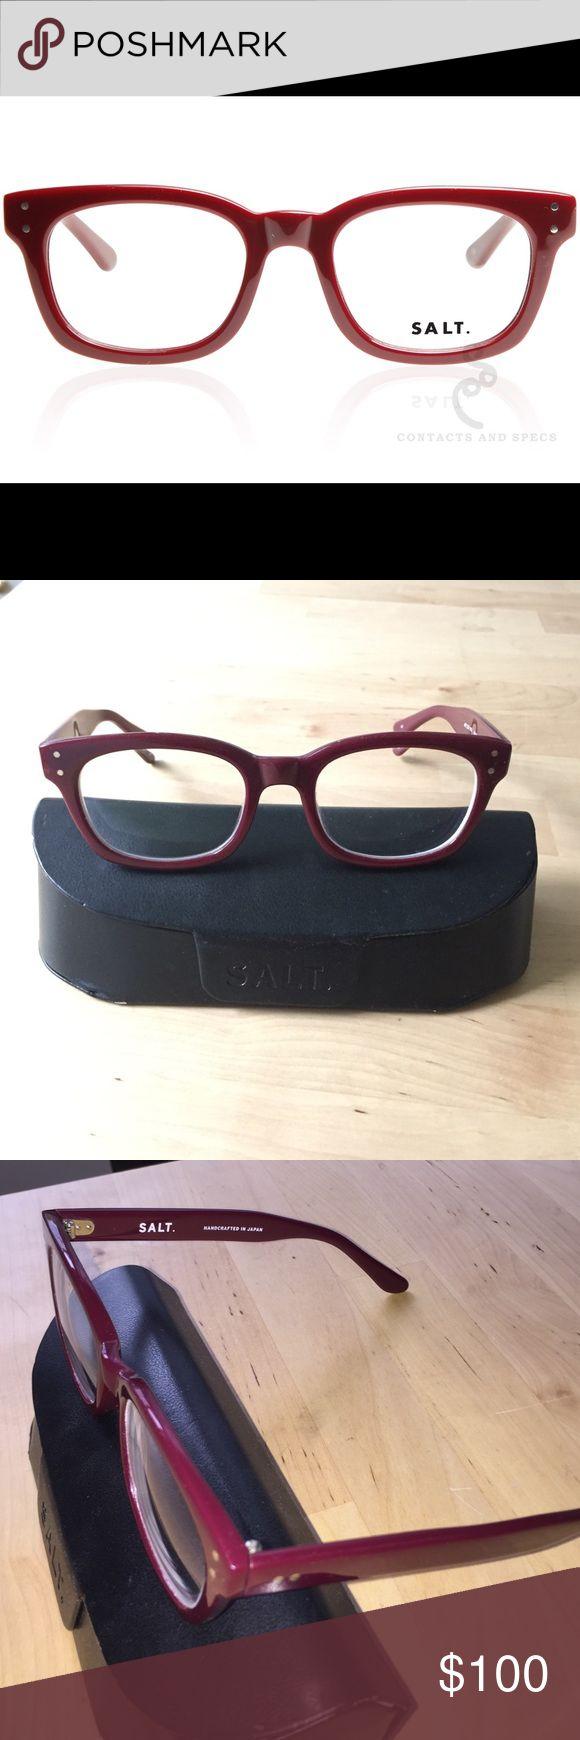 18 best Glasses images on Pinterest | Eye glasses, Sunglasses and ...